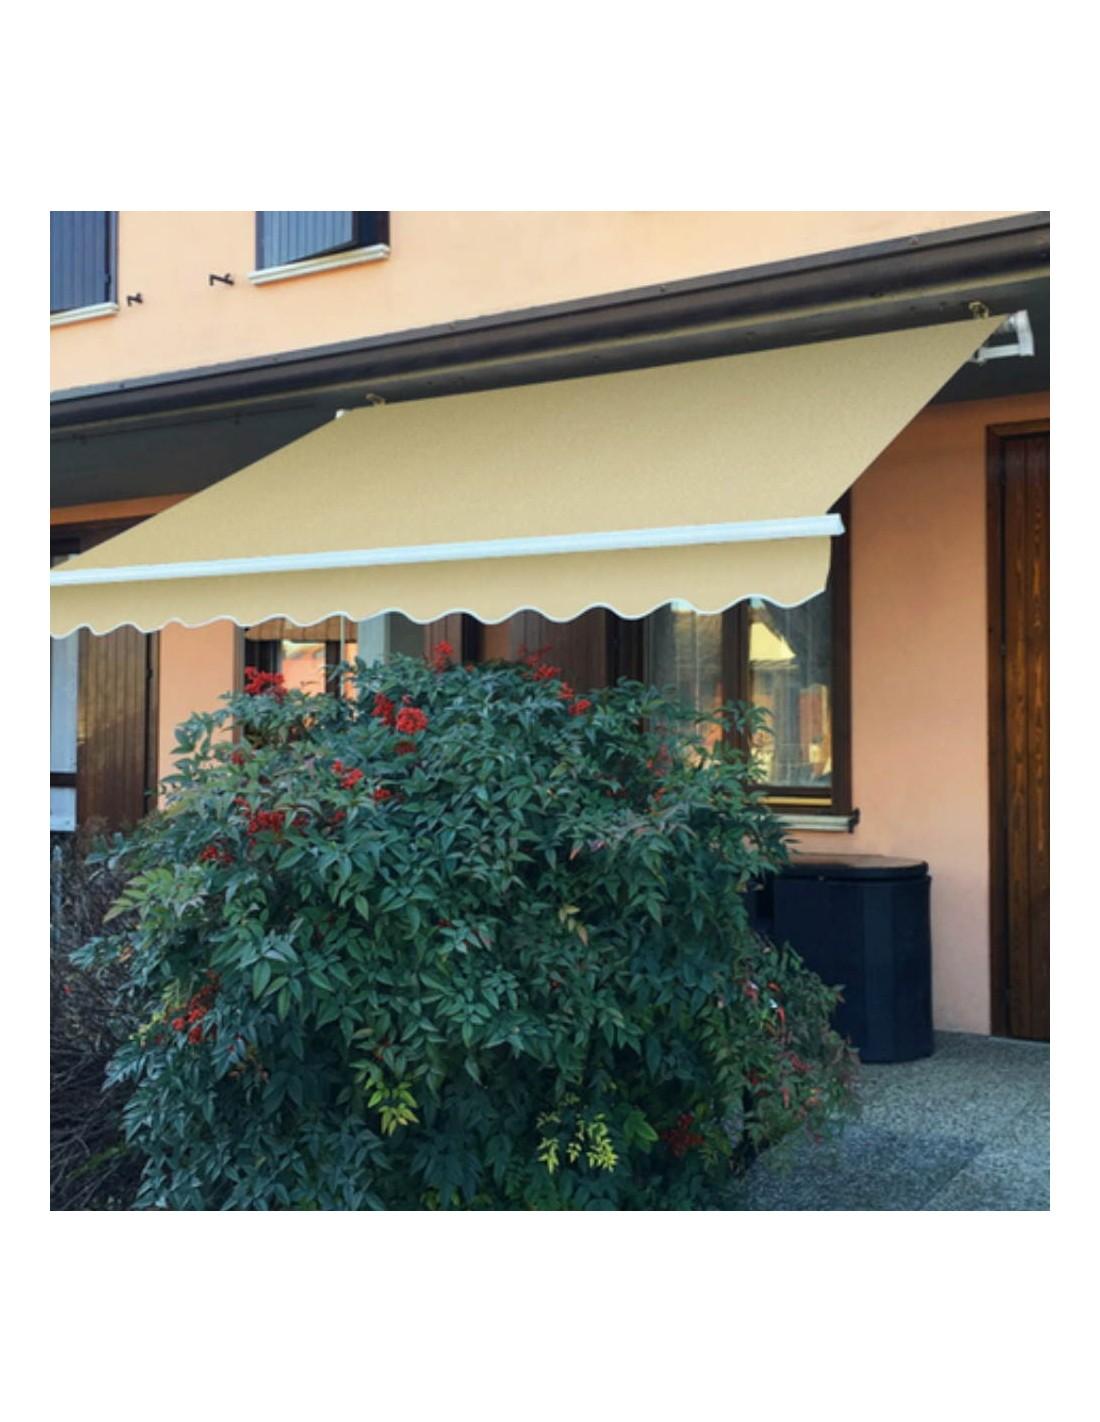 Tende Da Sole Frattamaggiore tenda da sole reclinabile e avvolgibile panarea 4 x 2,5